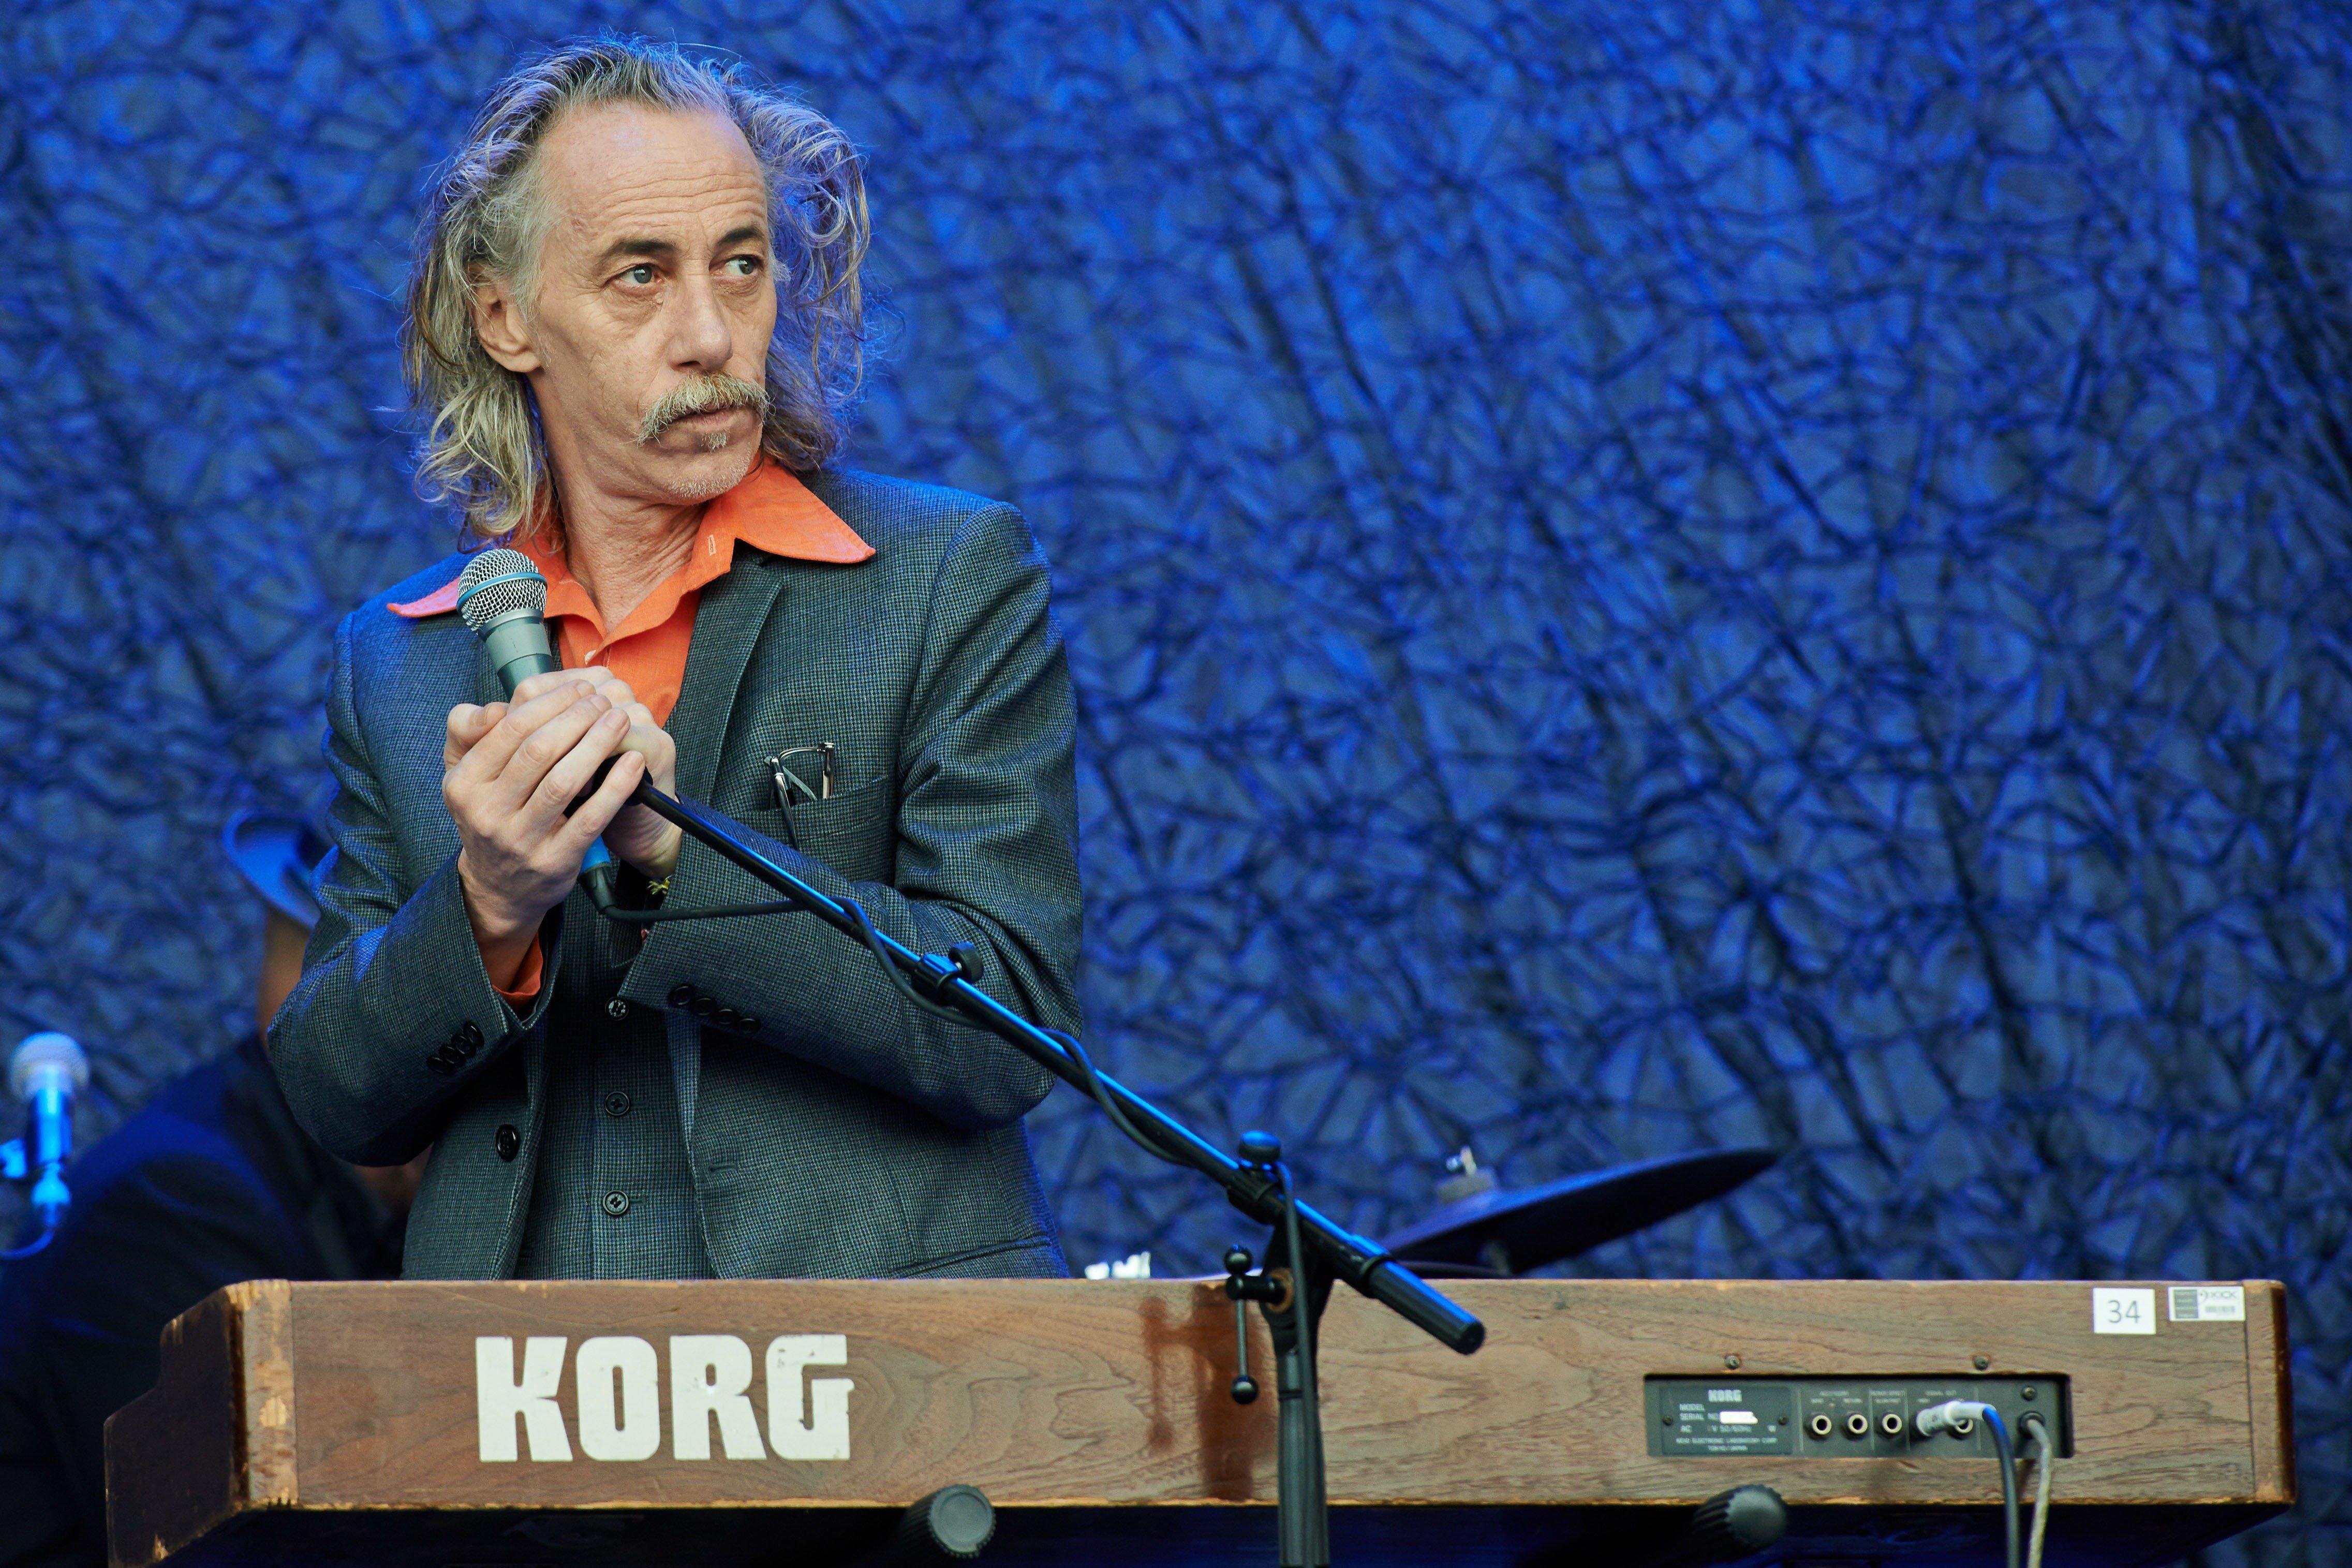 Πέθανε ο Κόνγουει Σάβατζ, ο πιανίστας των Nick Cave & The Bad Seeds σε ηλικία 58